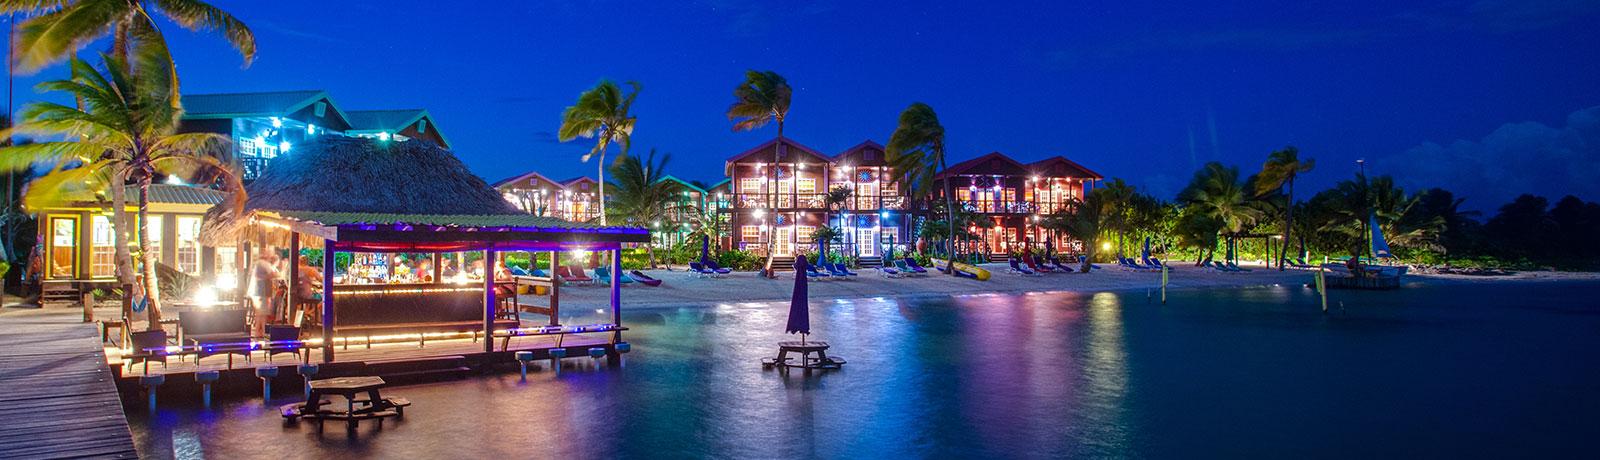 X'tan Ha Resort, Ambergris Caye, Belize